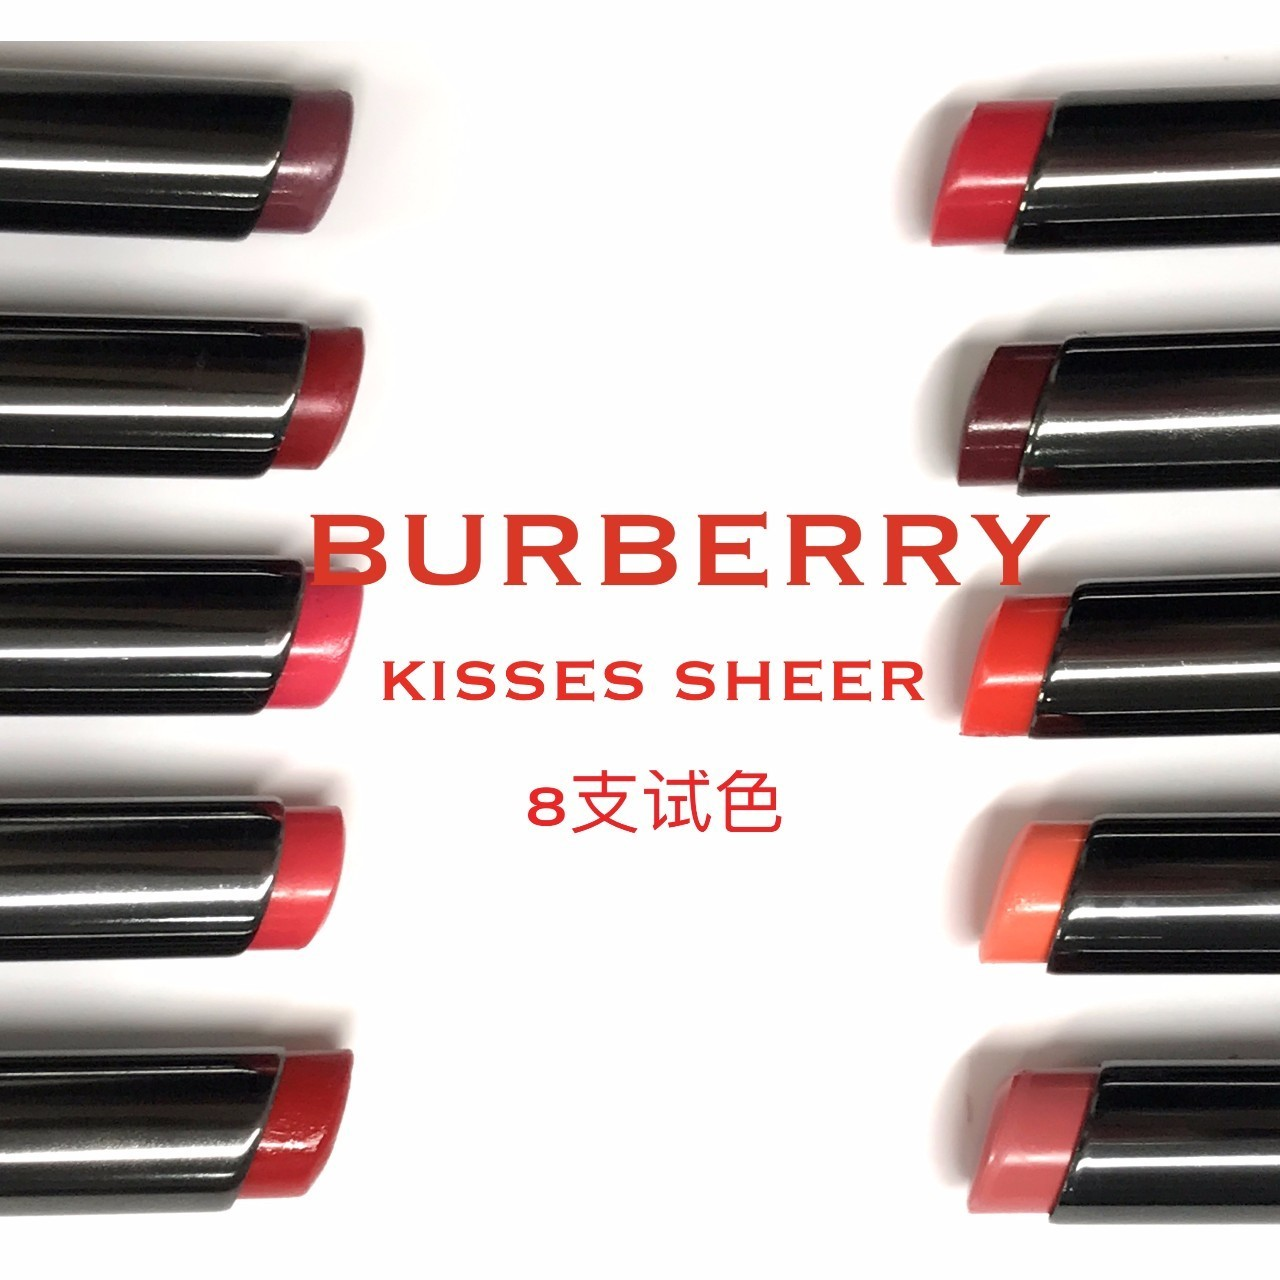 试色首发丨Burberry唇膏才是英伦风的正确打开方式